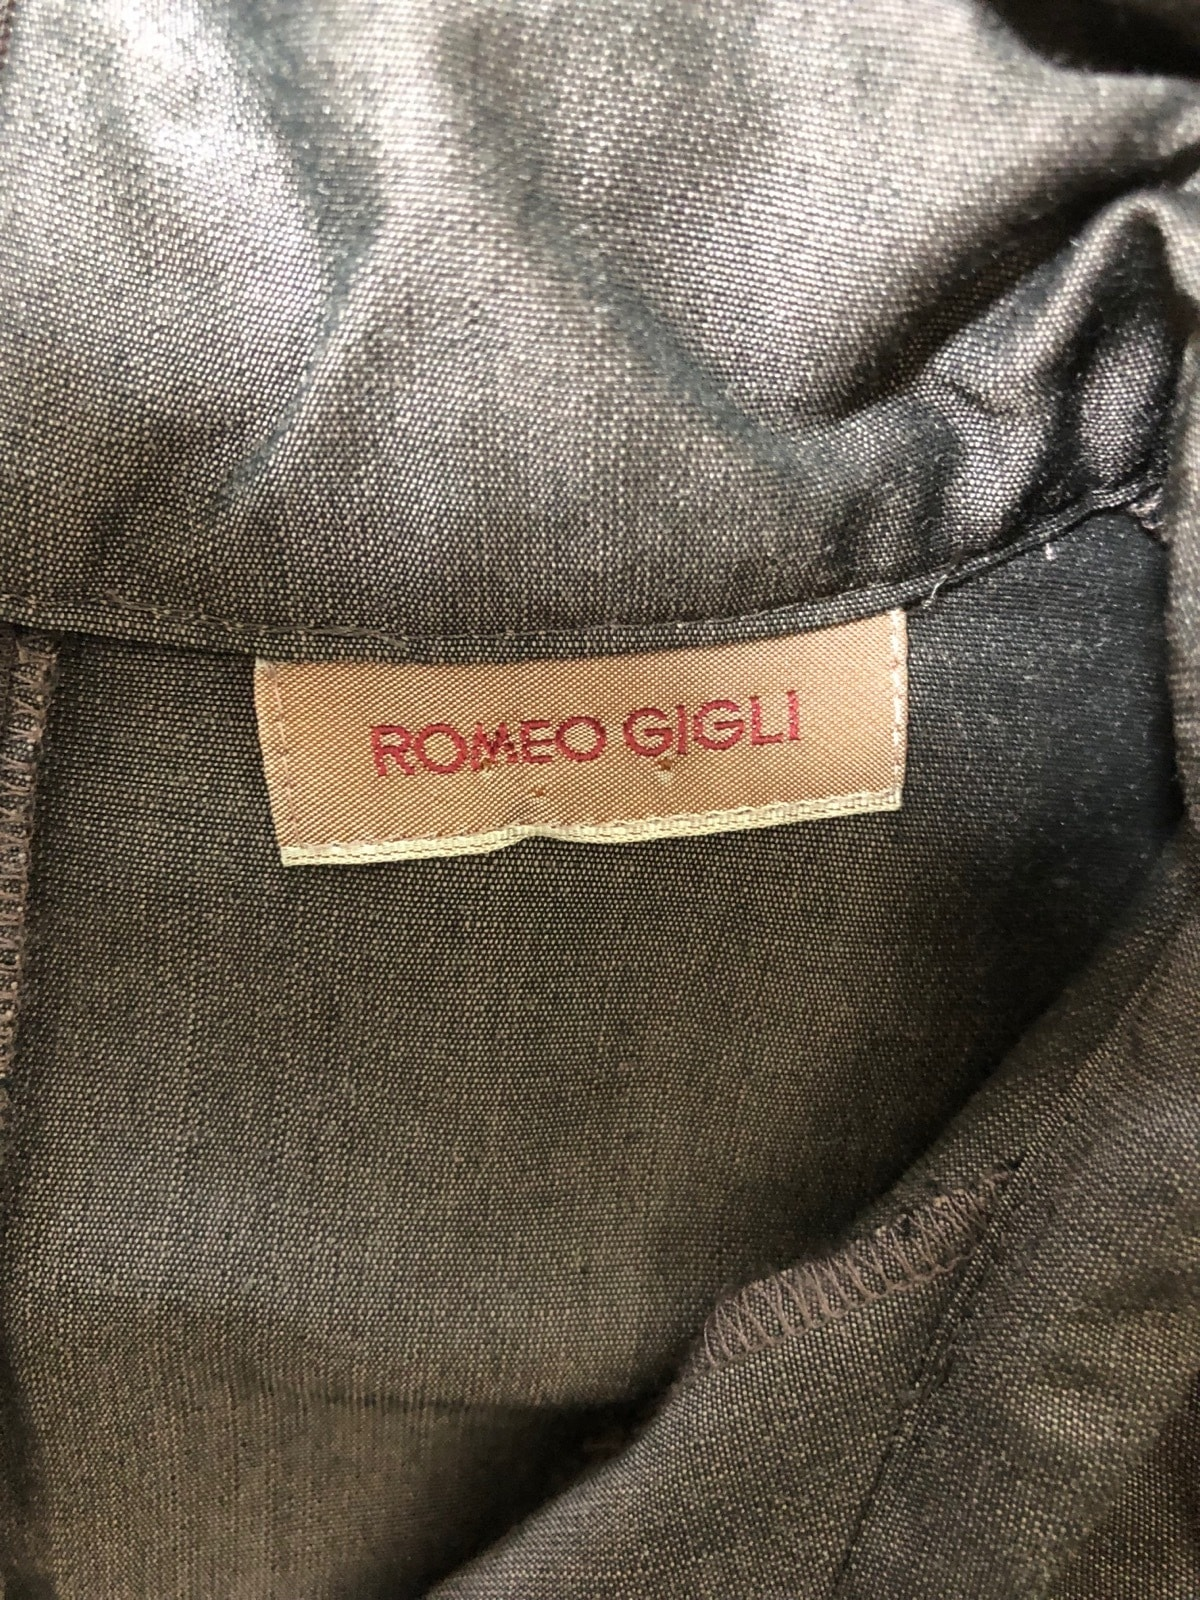 ROMEOGIGLI(ロメオジリ)のワンピース